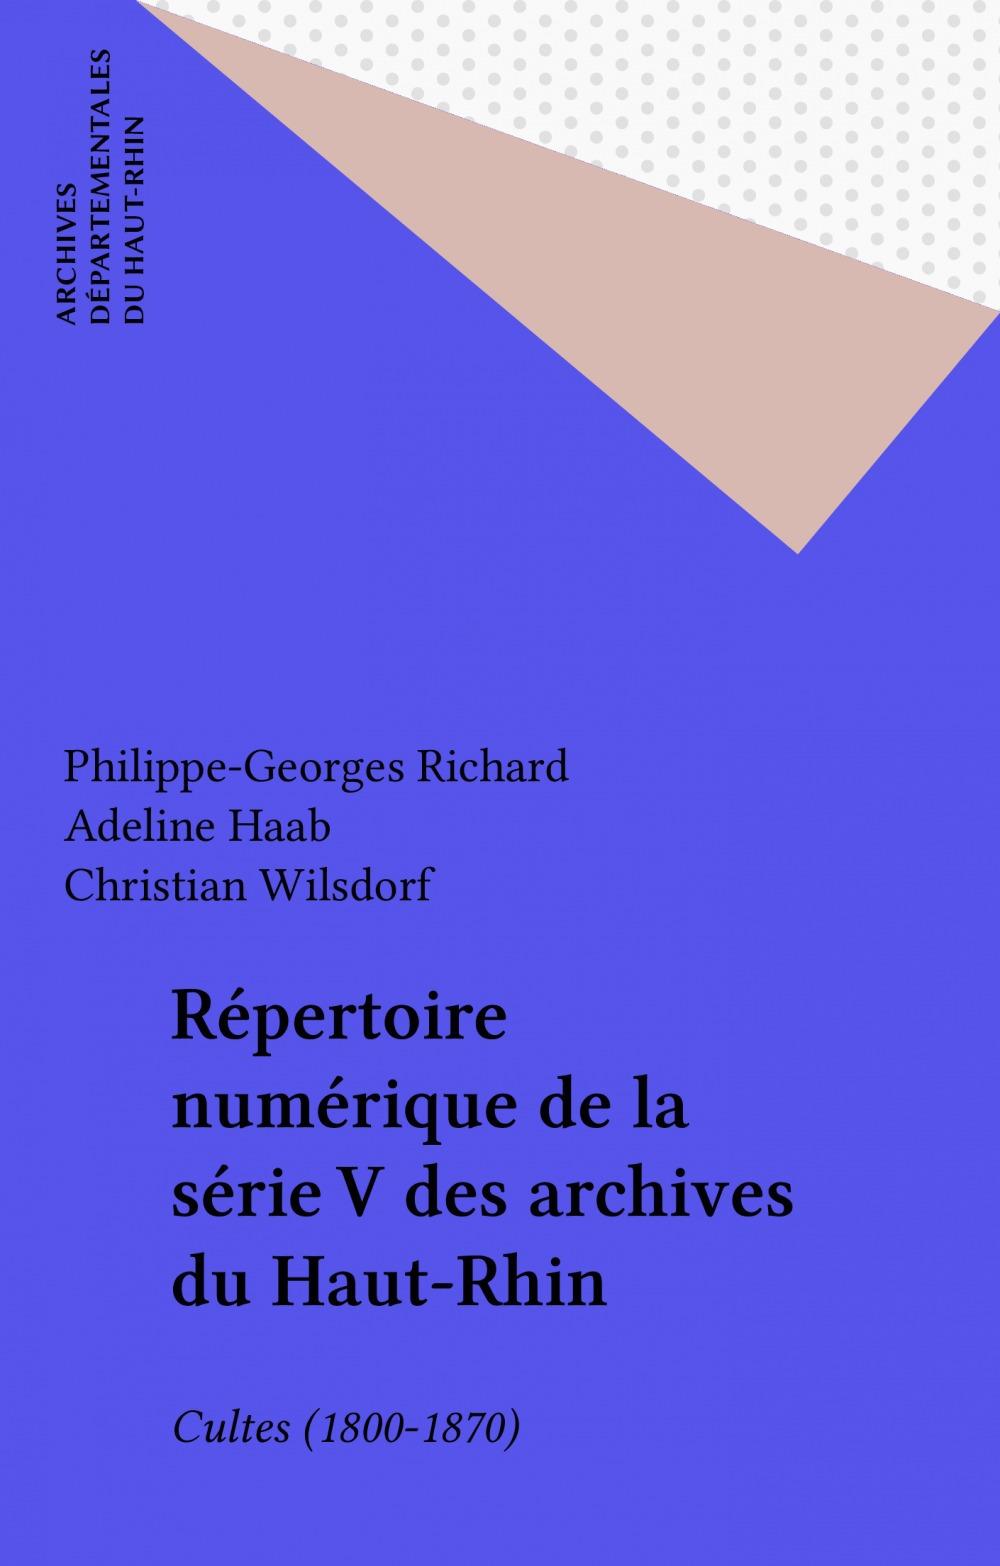 Répertoire numérique de la série V des archives du Haut-Rhin